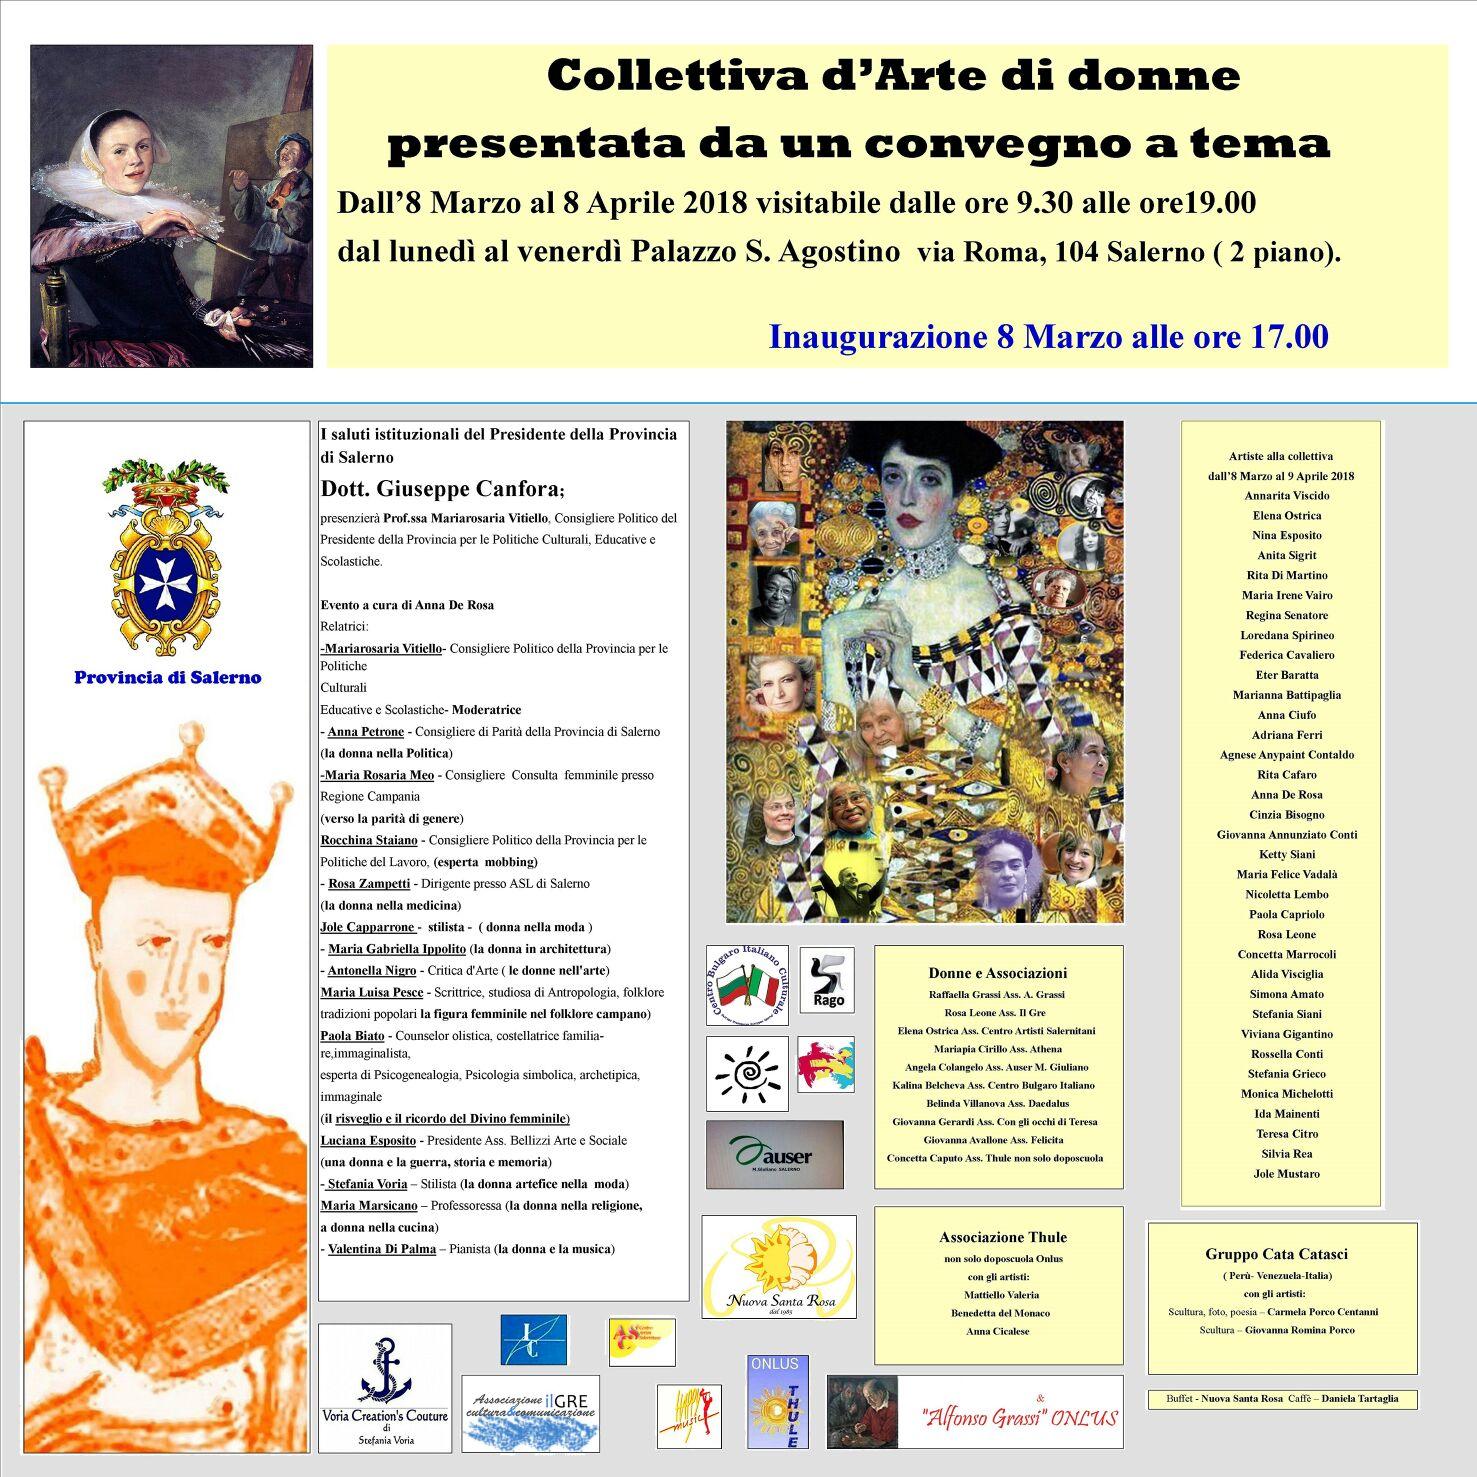 Collettiva arte di donne-Salerno-1